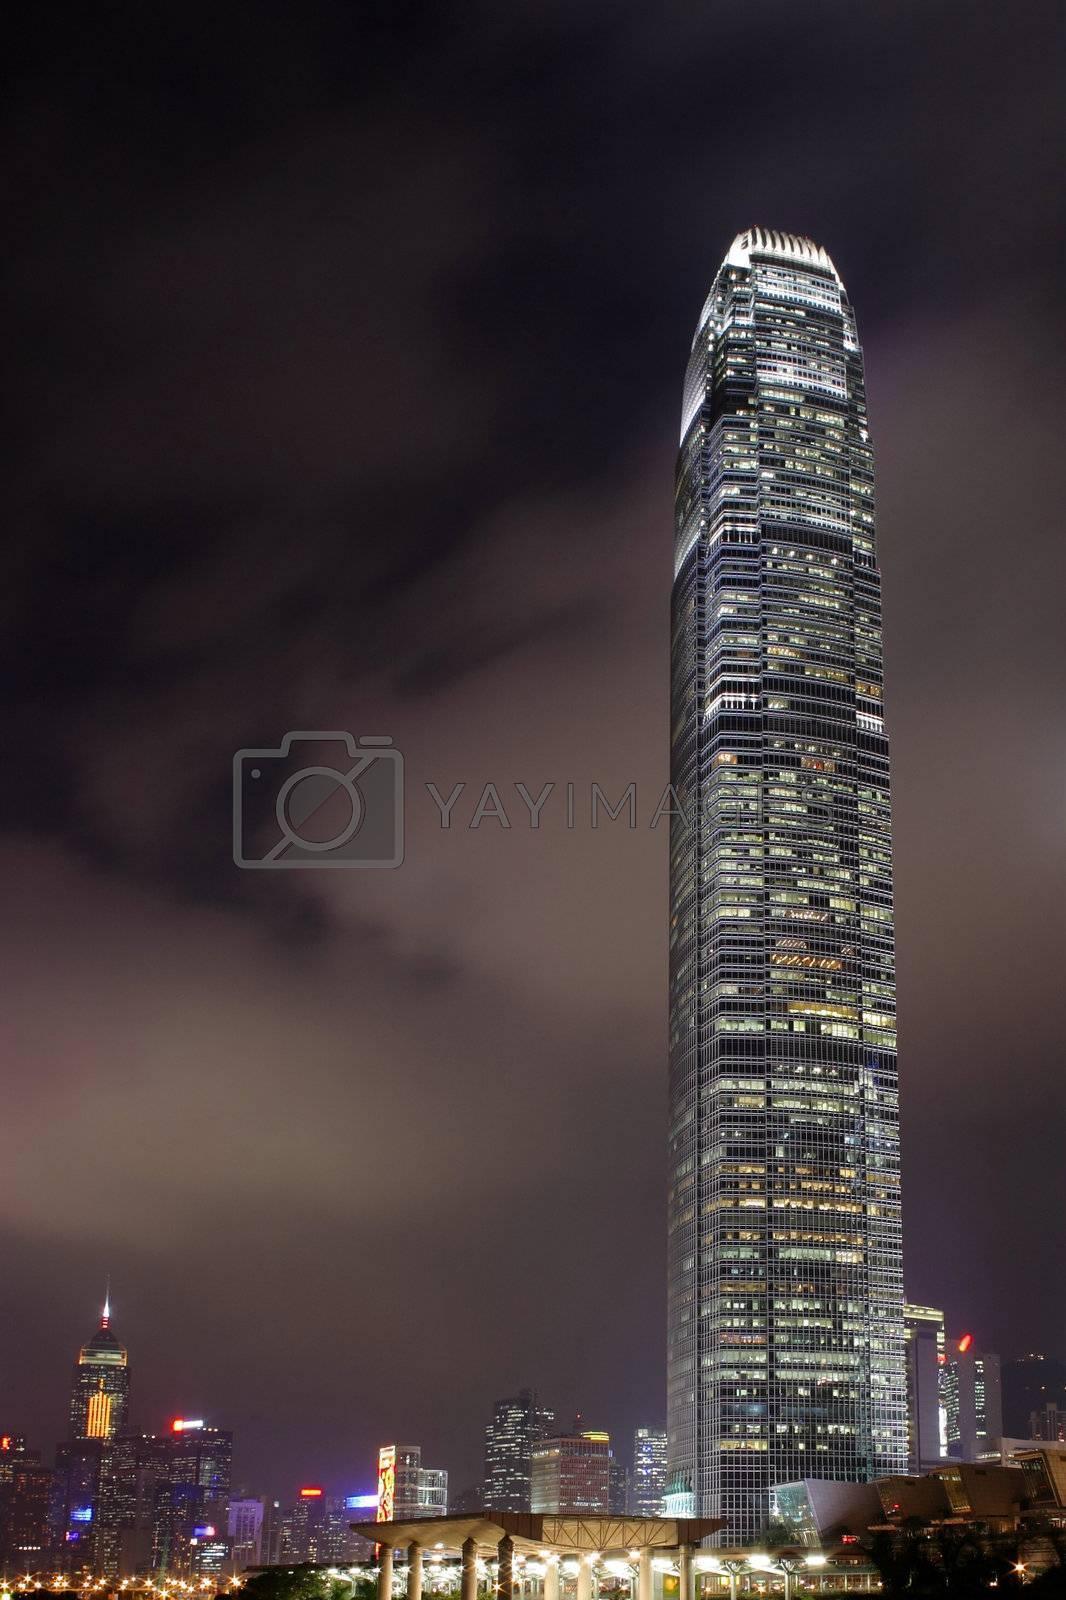 Royalty free image of Hong Kong at night by leungchopan